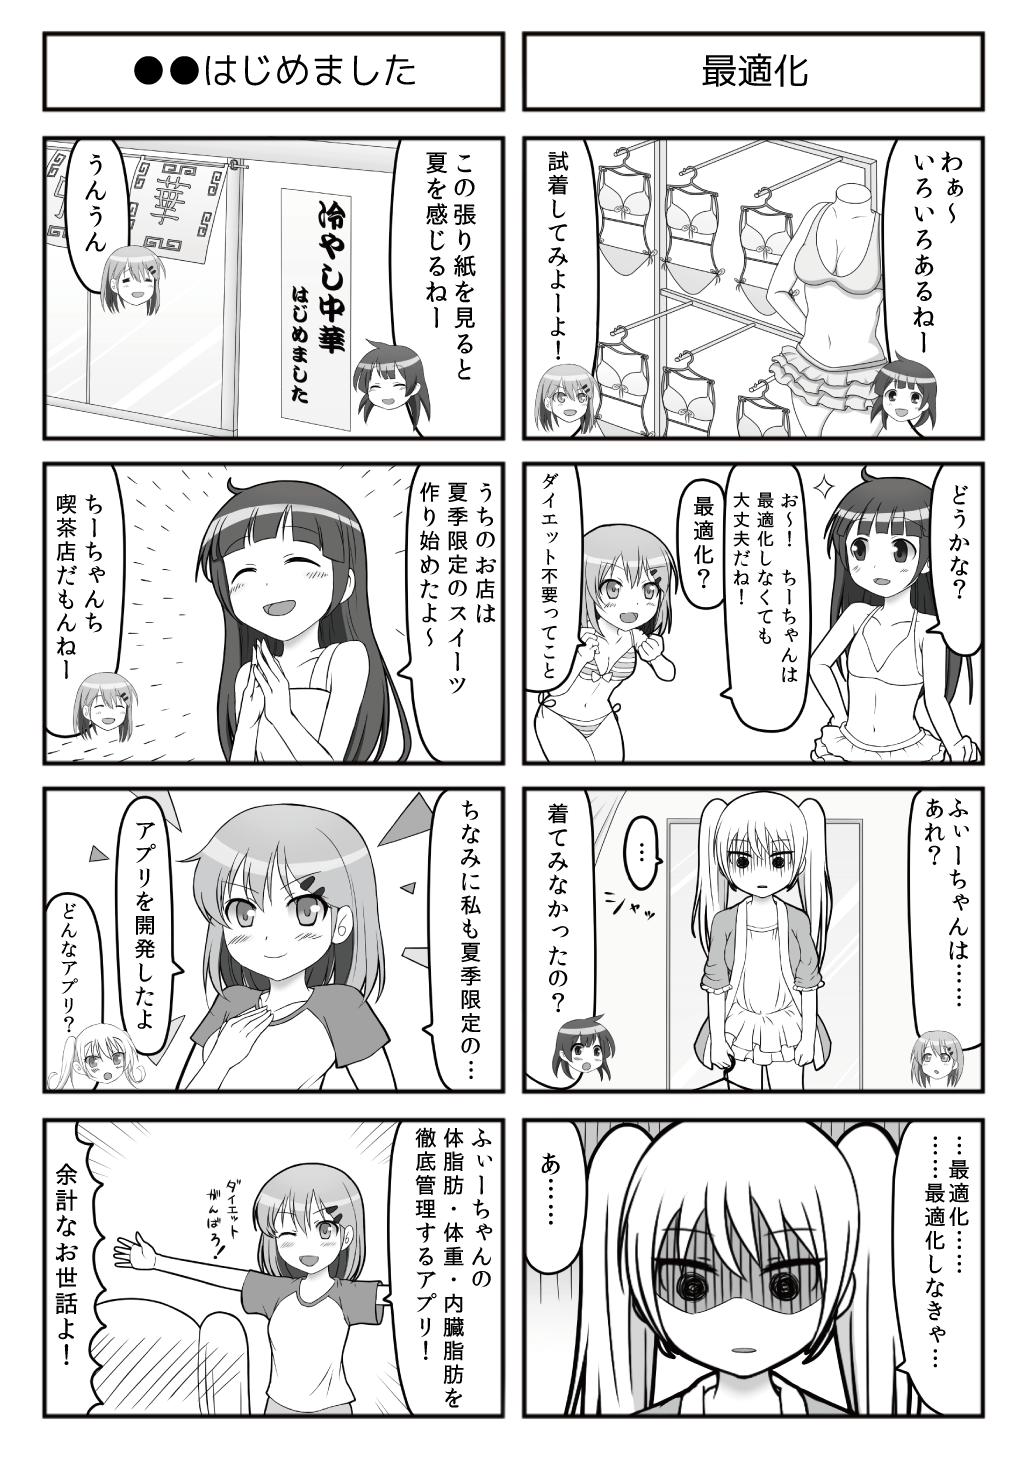 すぱこー Ver. 13